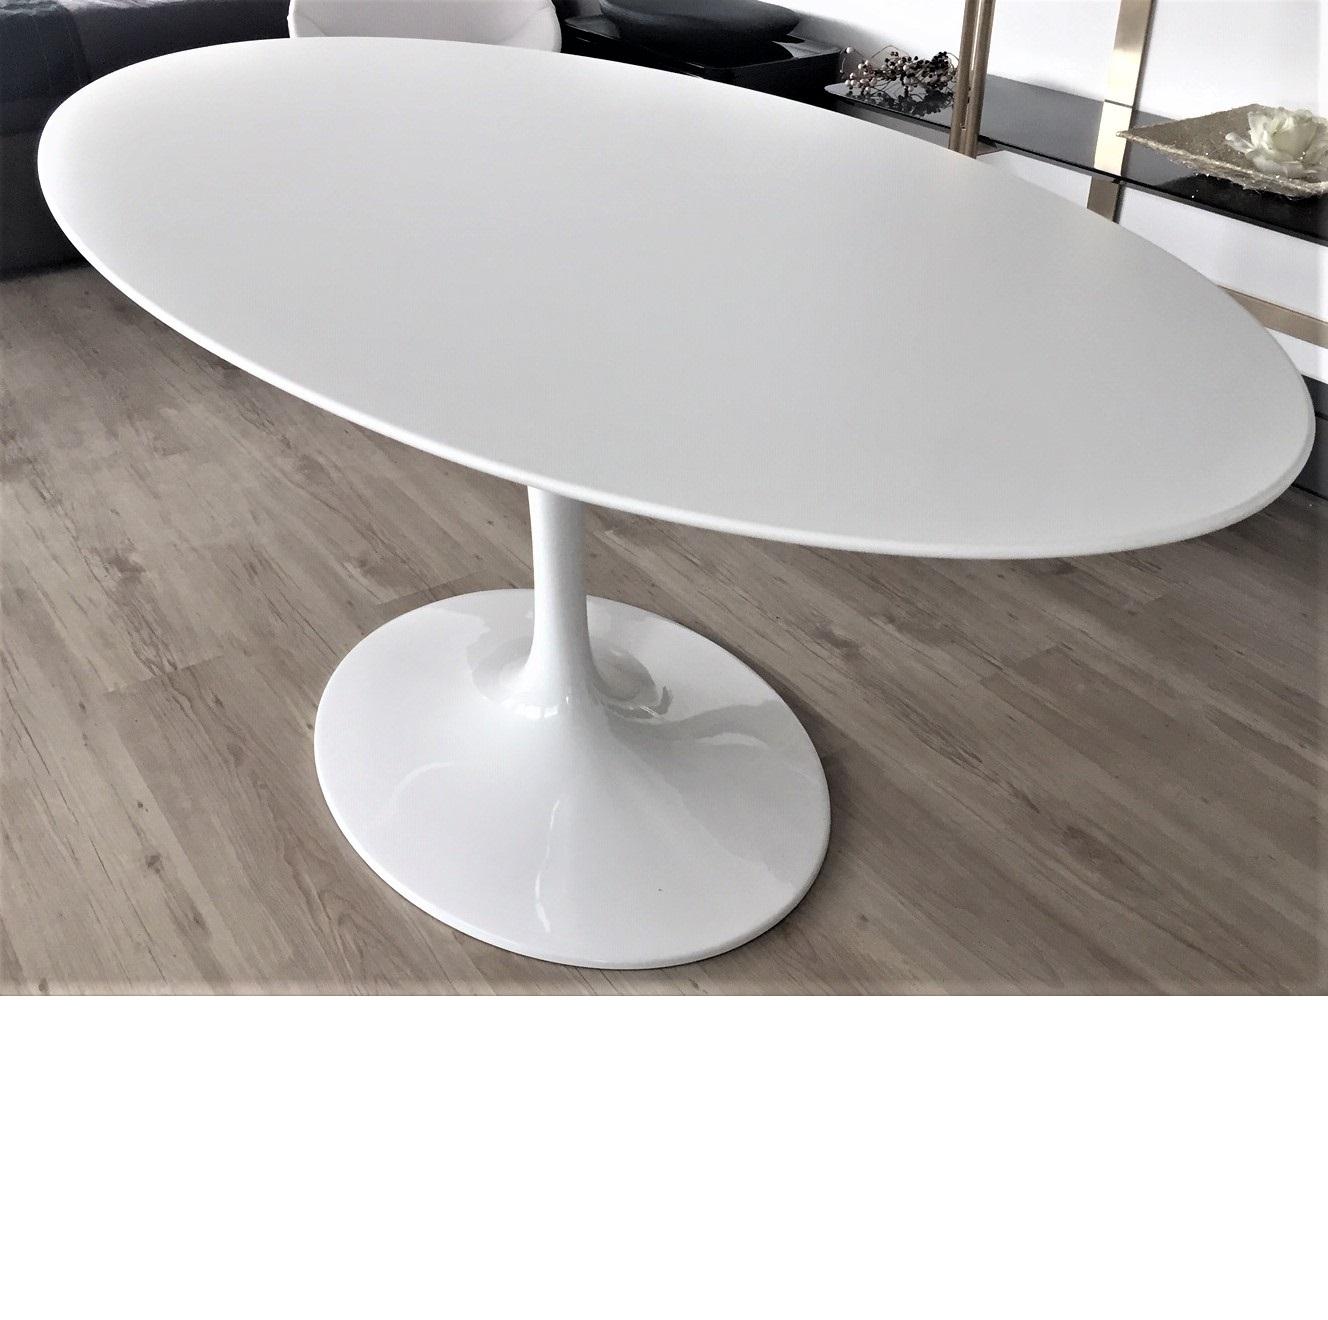 Tavolo Tulipano con piano laminato liquido ovale da cm 160 x 85